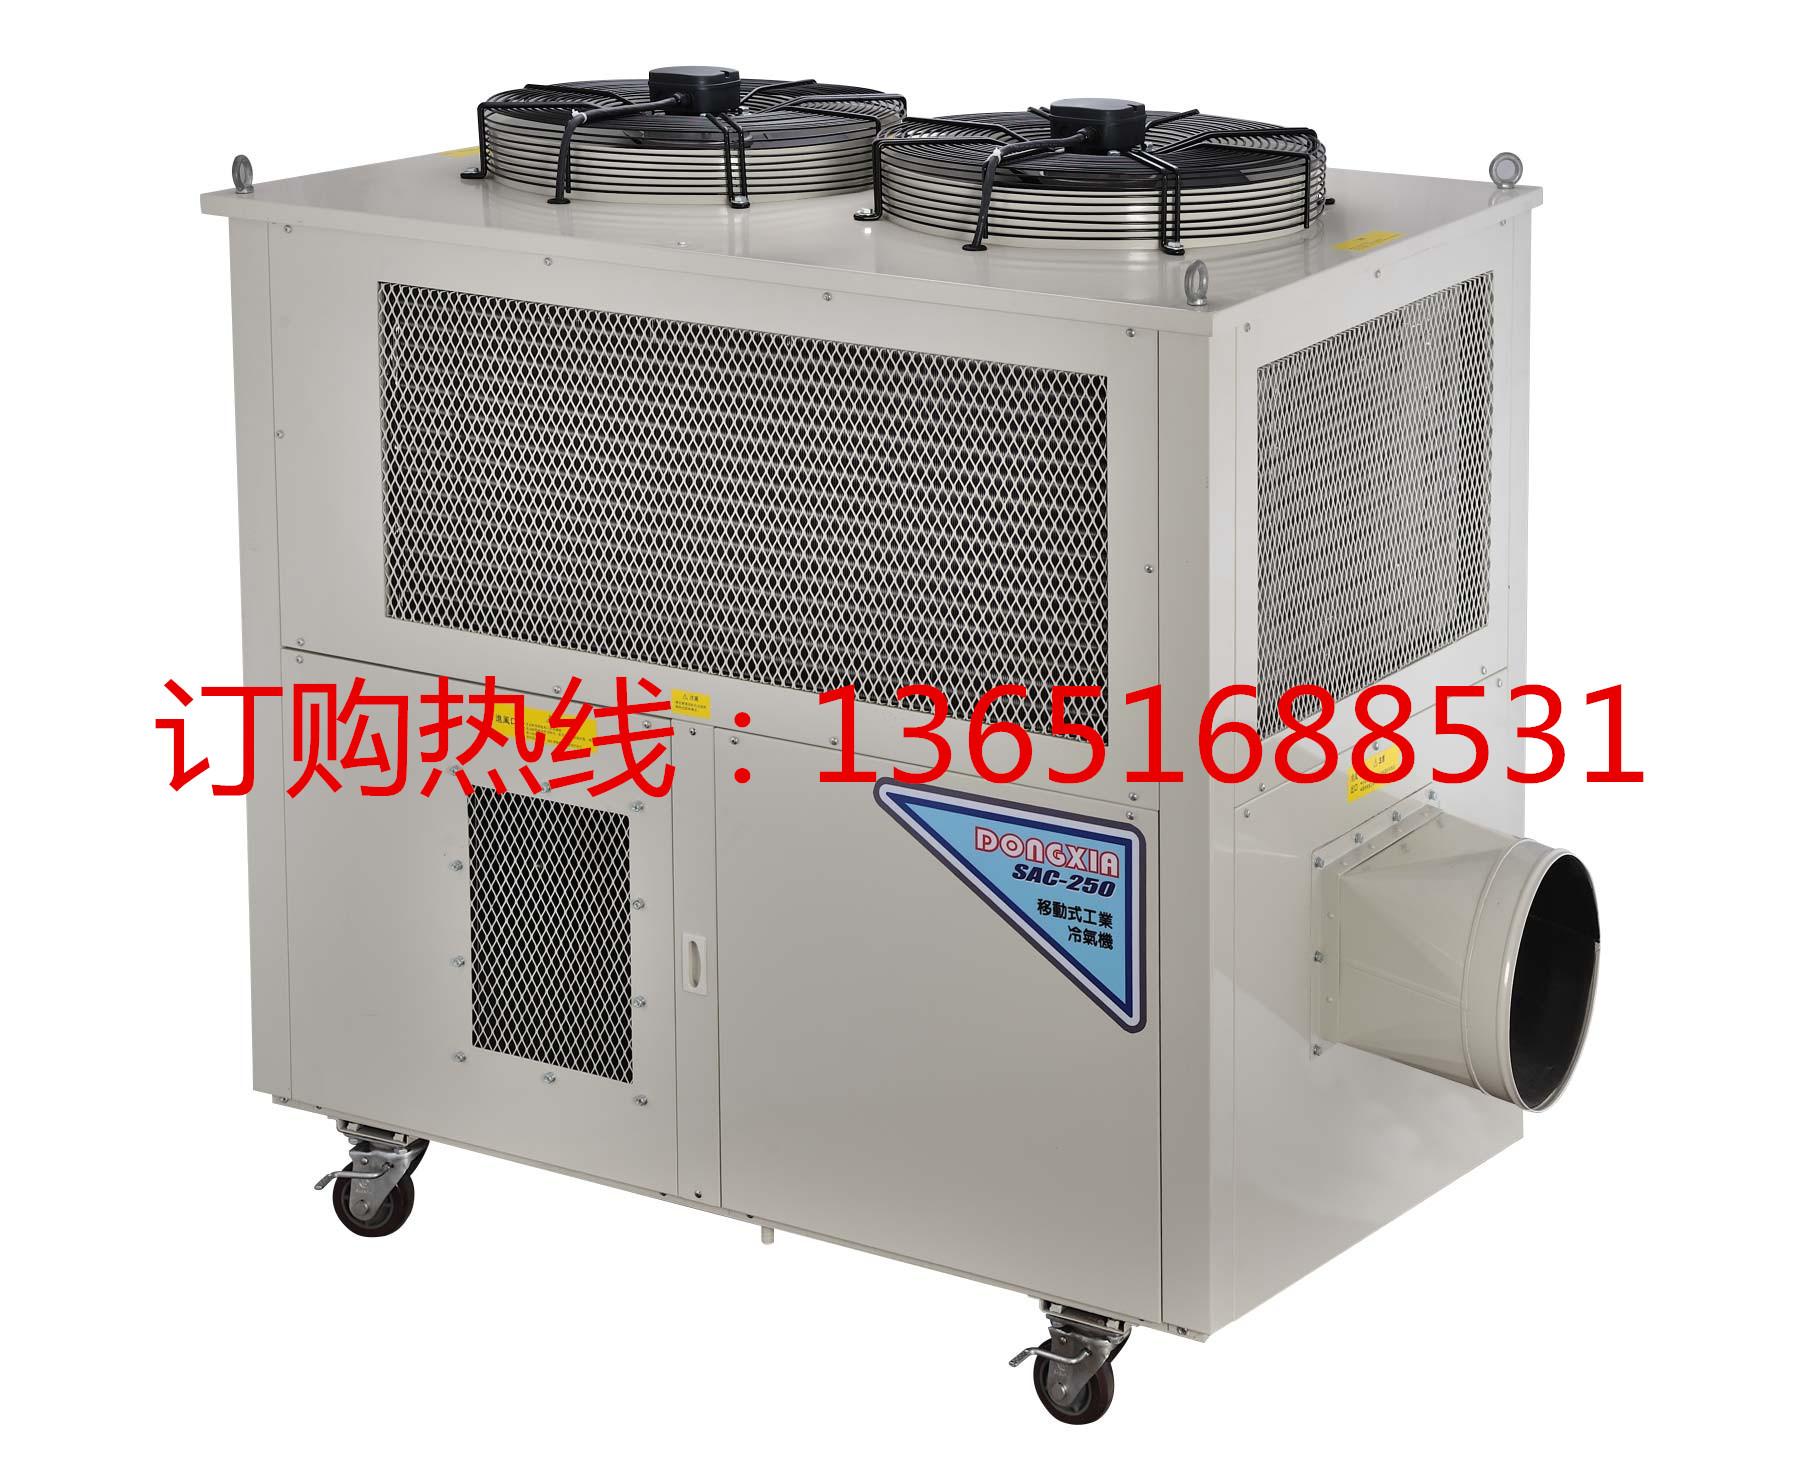 Im Sommer SAC-250 industrie - mobile klimaanlagen Kalte Luft Werkstatt Outdoor - - post klimaanlage